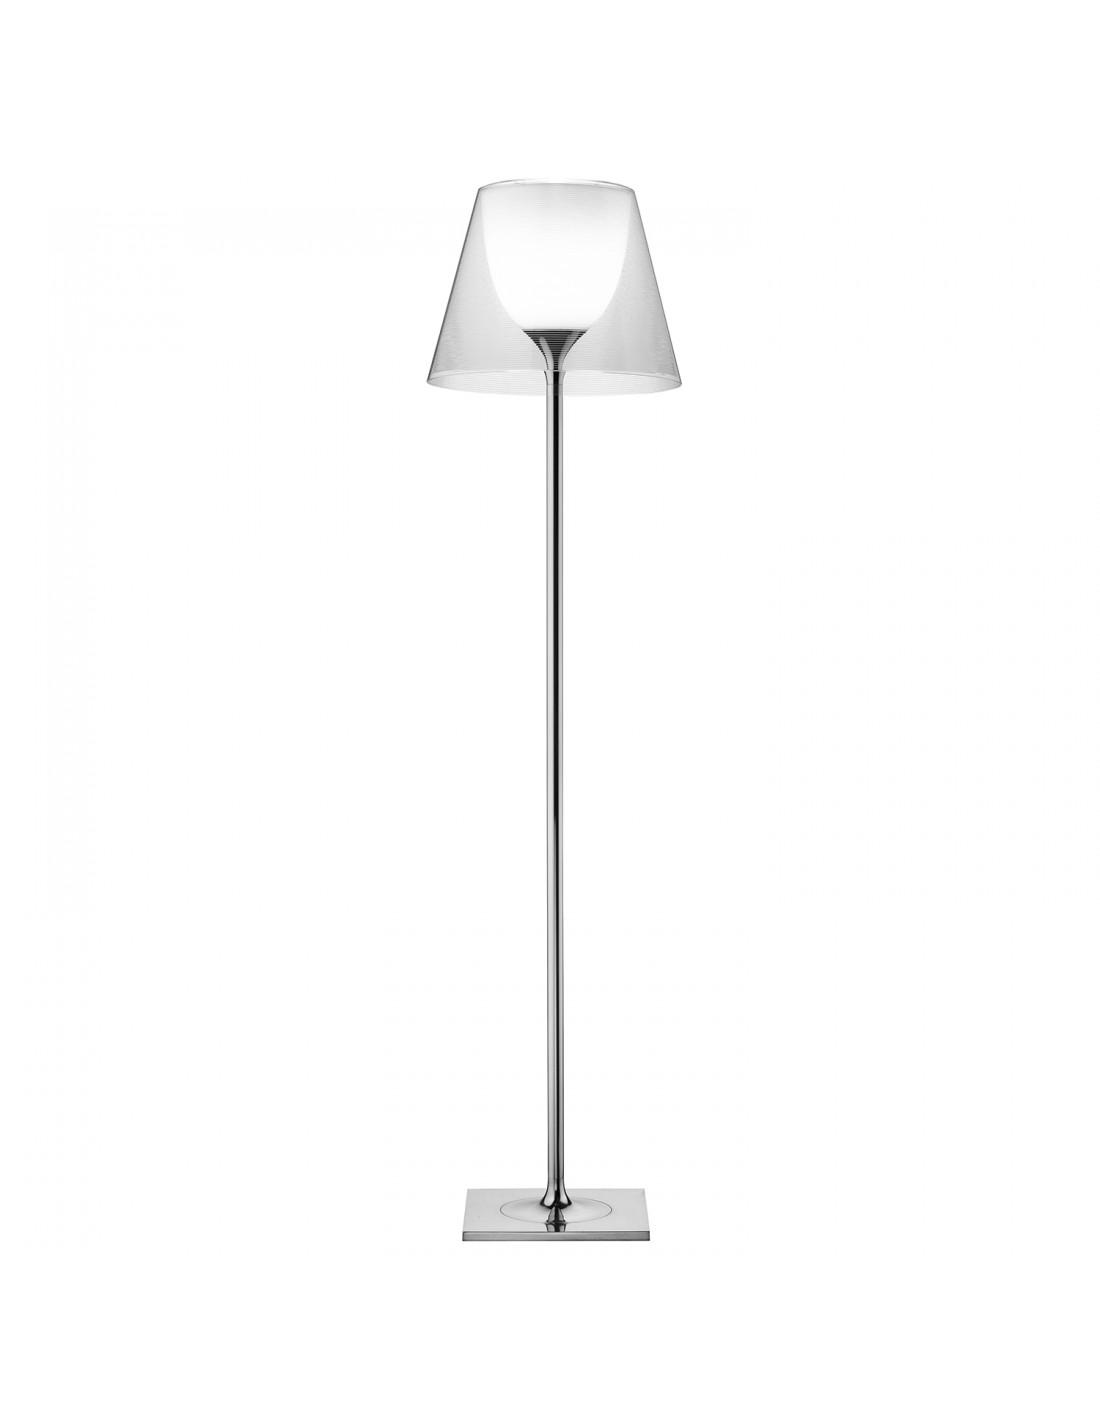 Lampadaire Ktribe F2 avec abat-jour transparent - designer Philippe Starck - marque FLOS - revendeur Valente Design